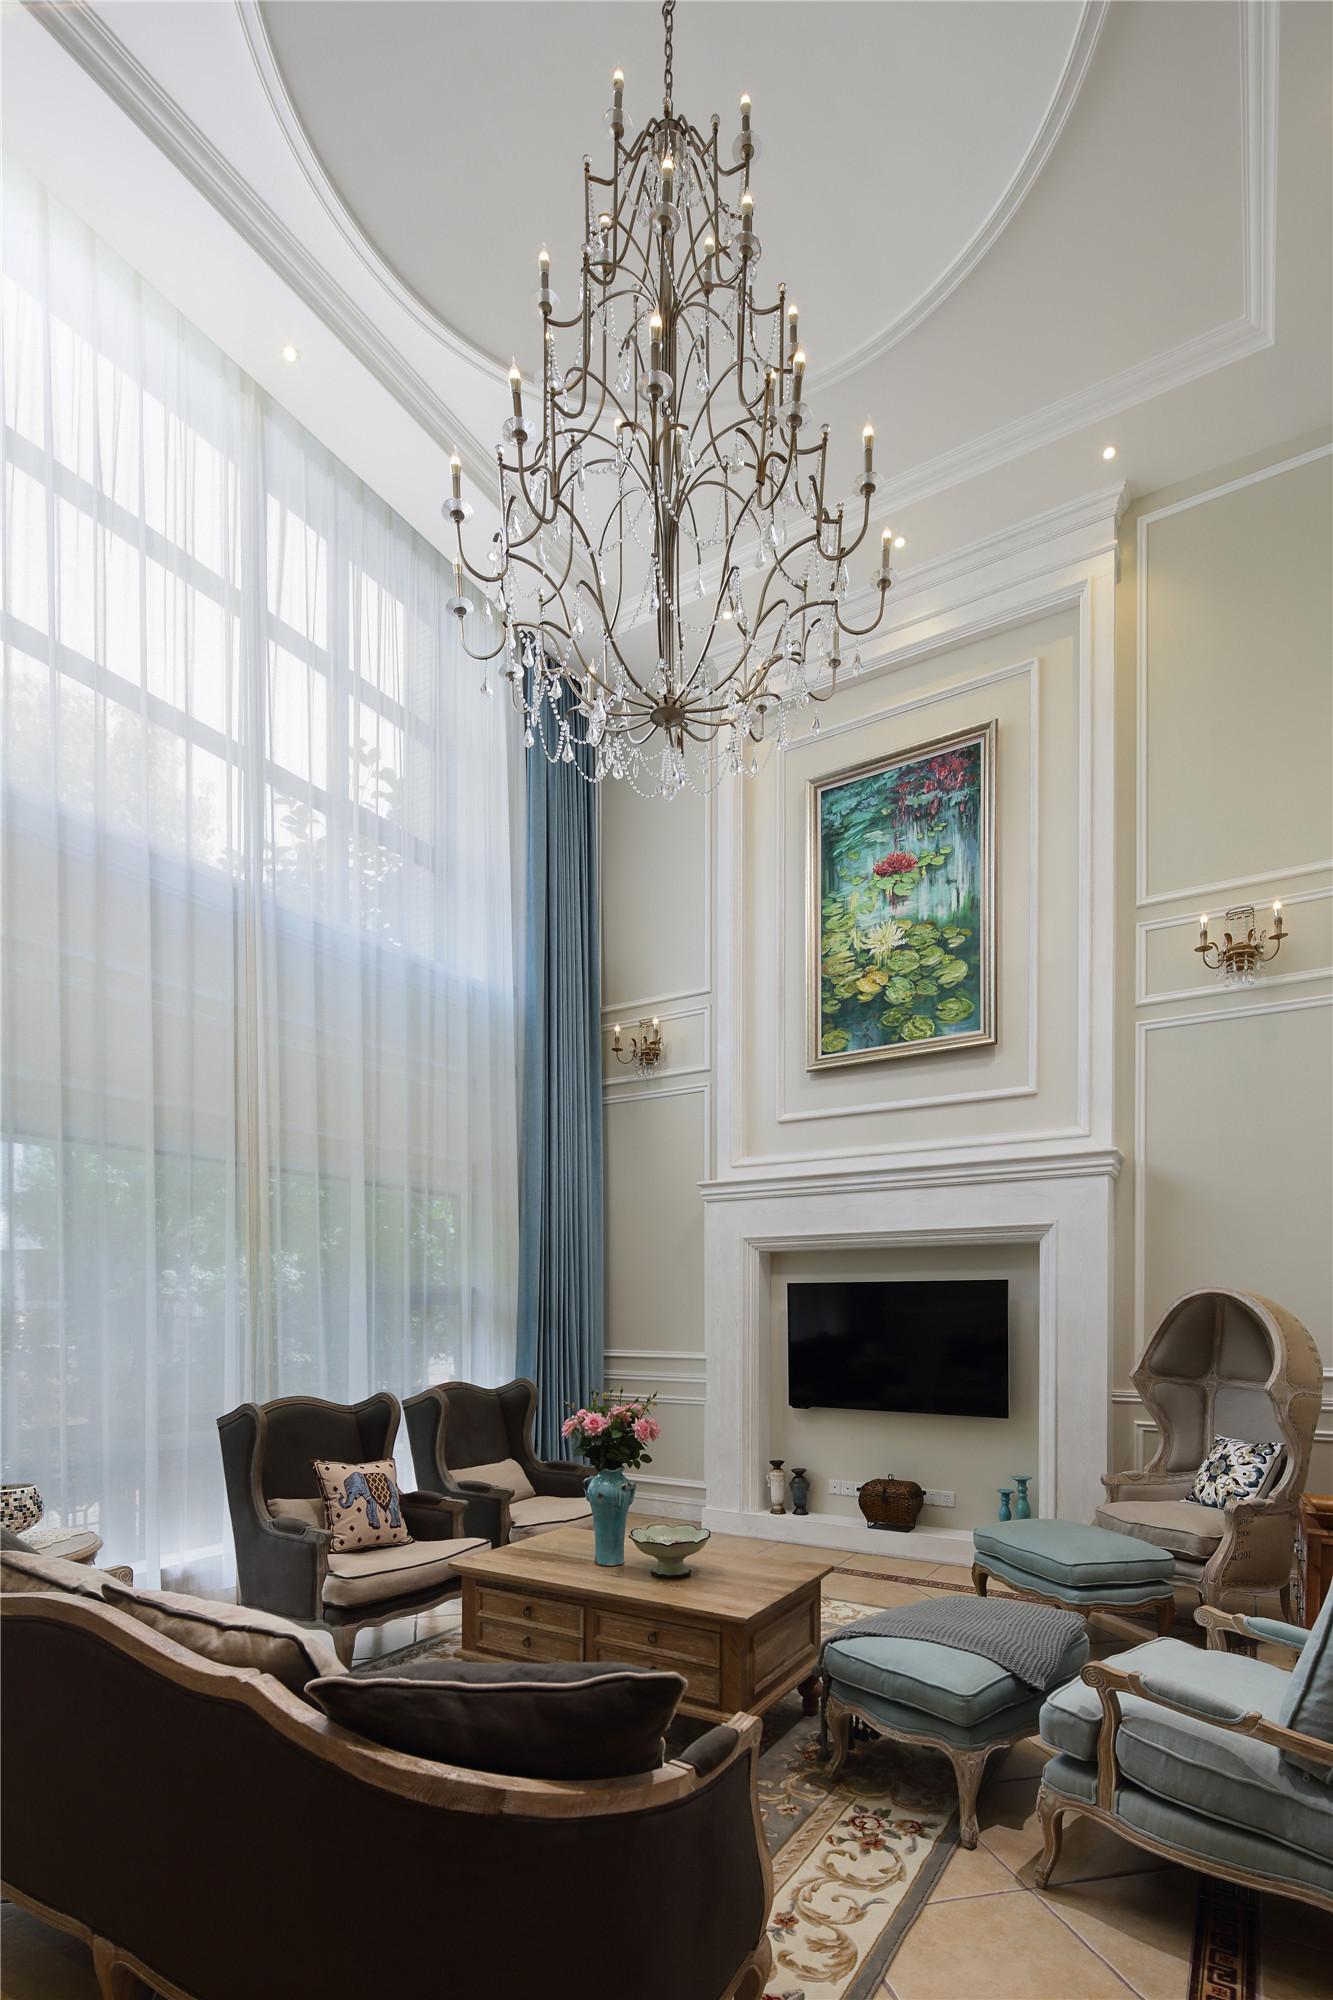 装修效果图 家居美图 精美欧式新古典别墅挑高客厅背景墙设计  收藏